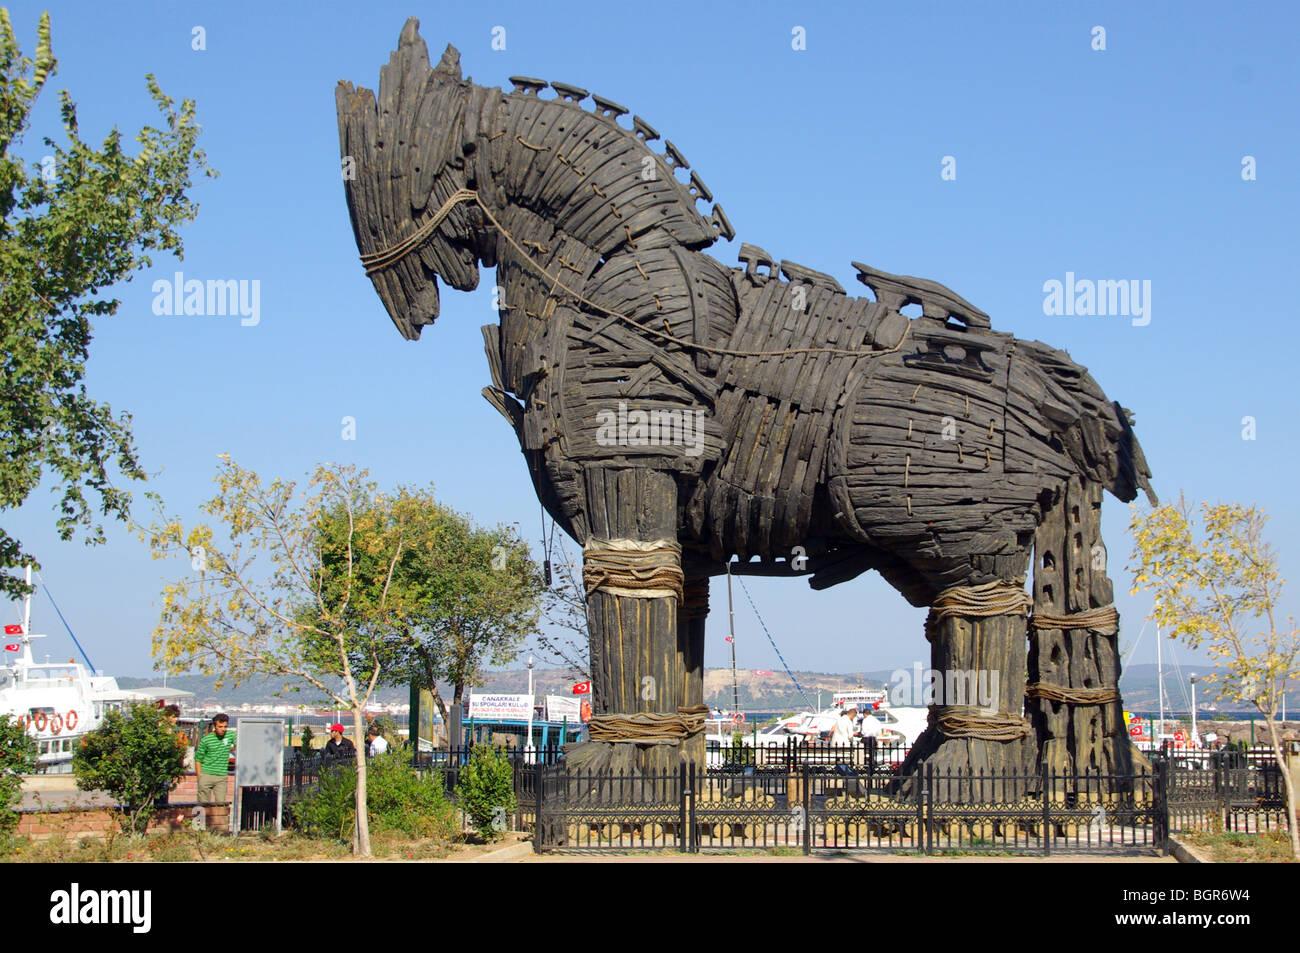 canakkale stadt trojanisches pferd aus holz maquette version verwendet im film troja stockfoto. Black Bedroom Furniture Sets. Home Design Ideas